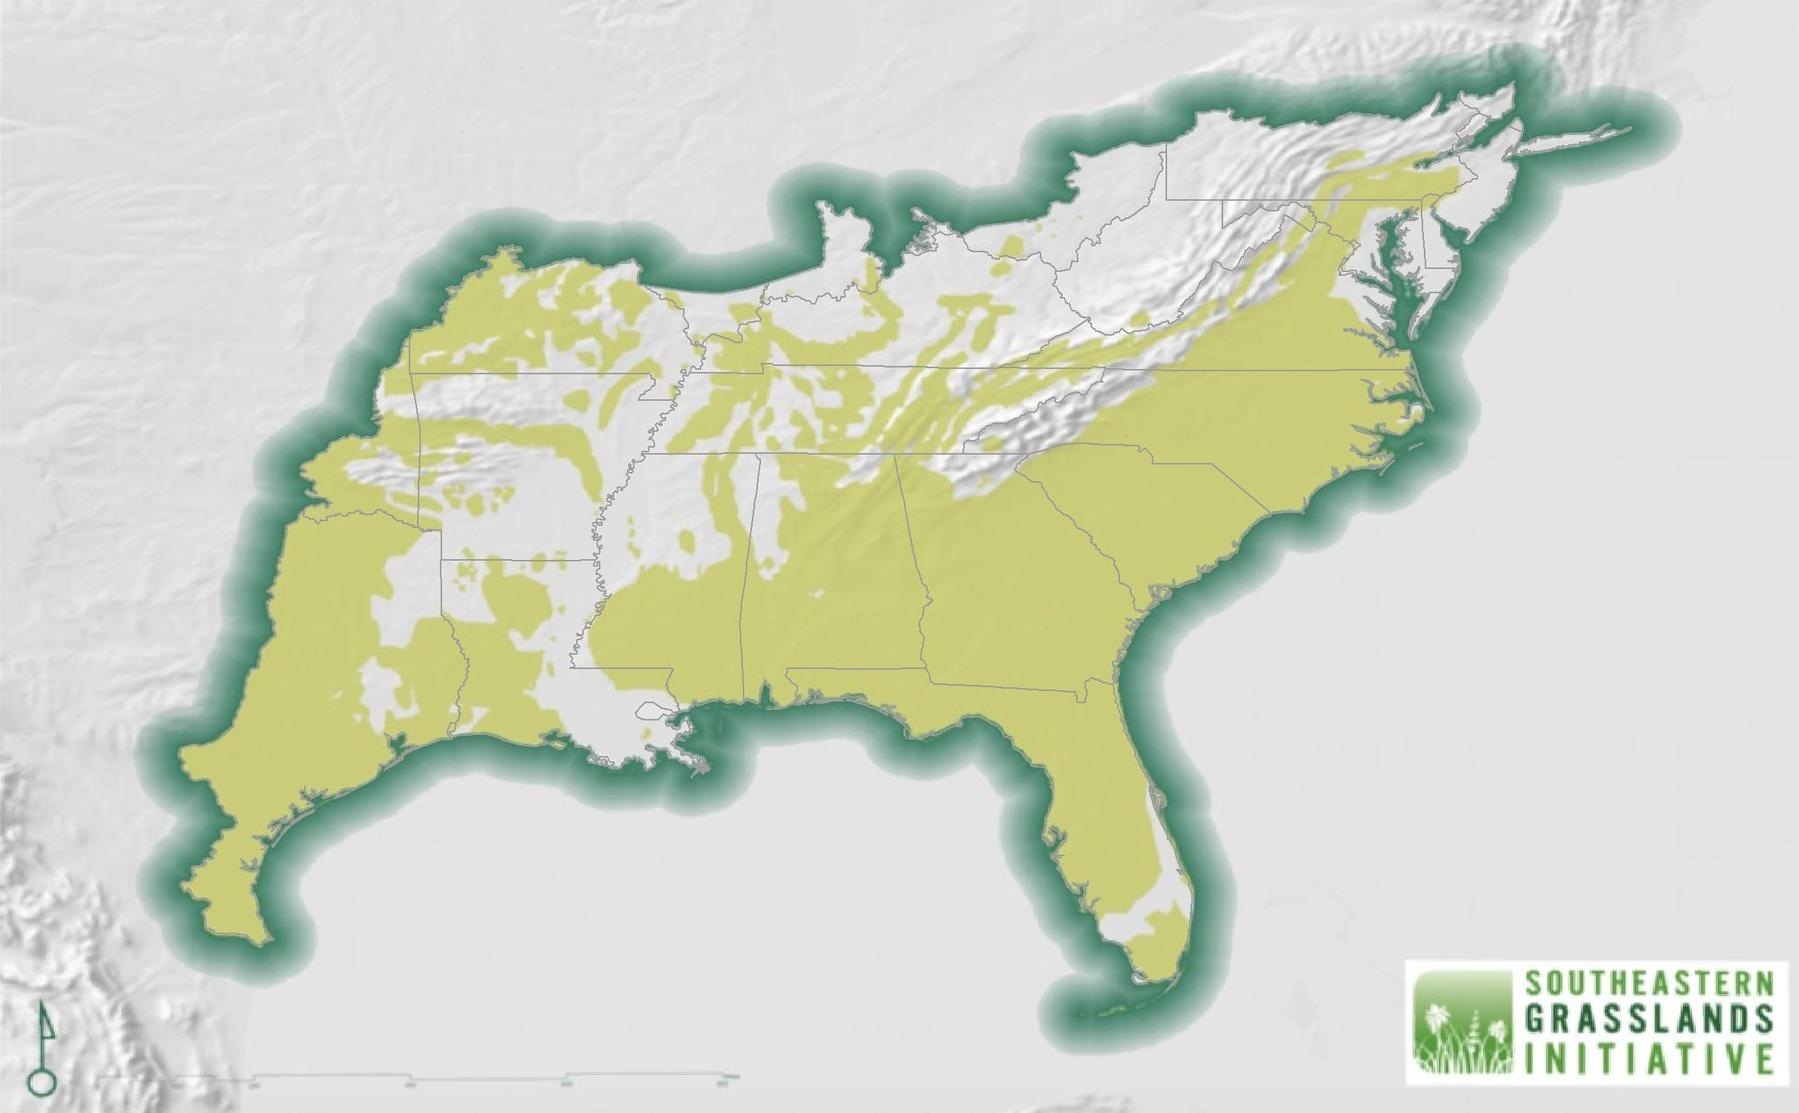 SGI-23state-focalarea-map.jpg